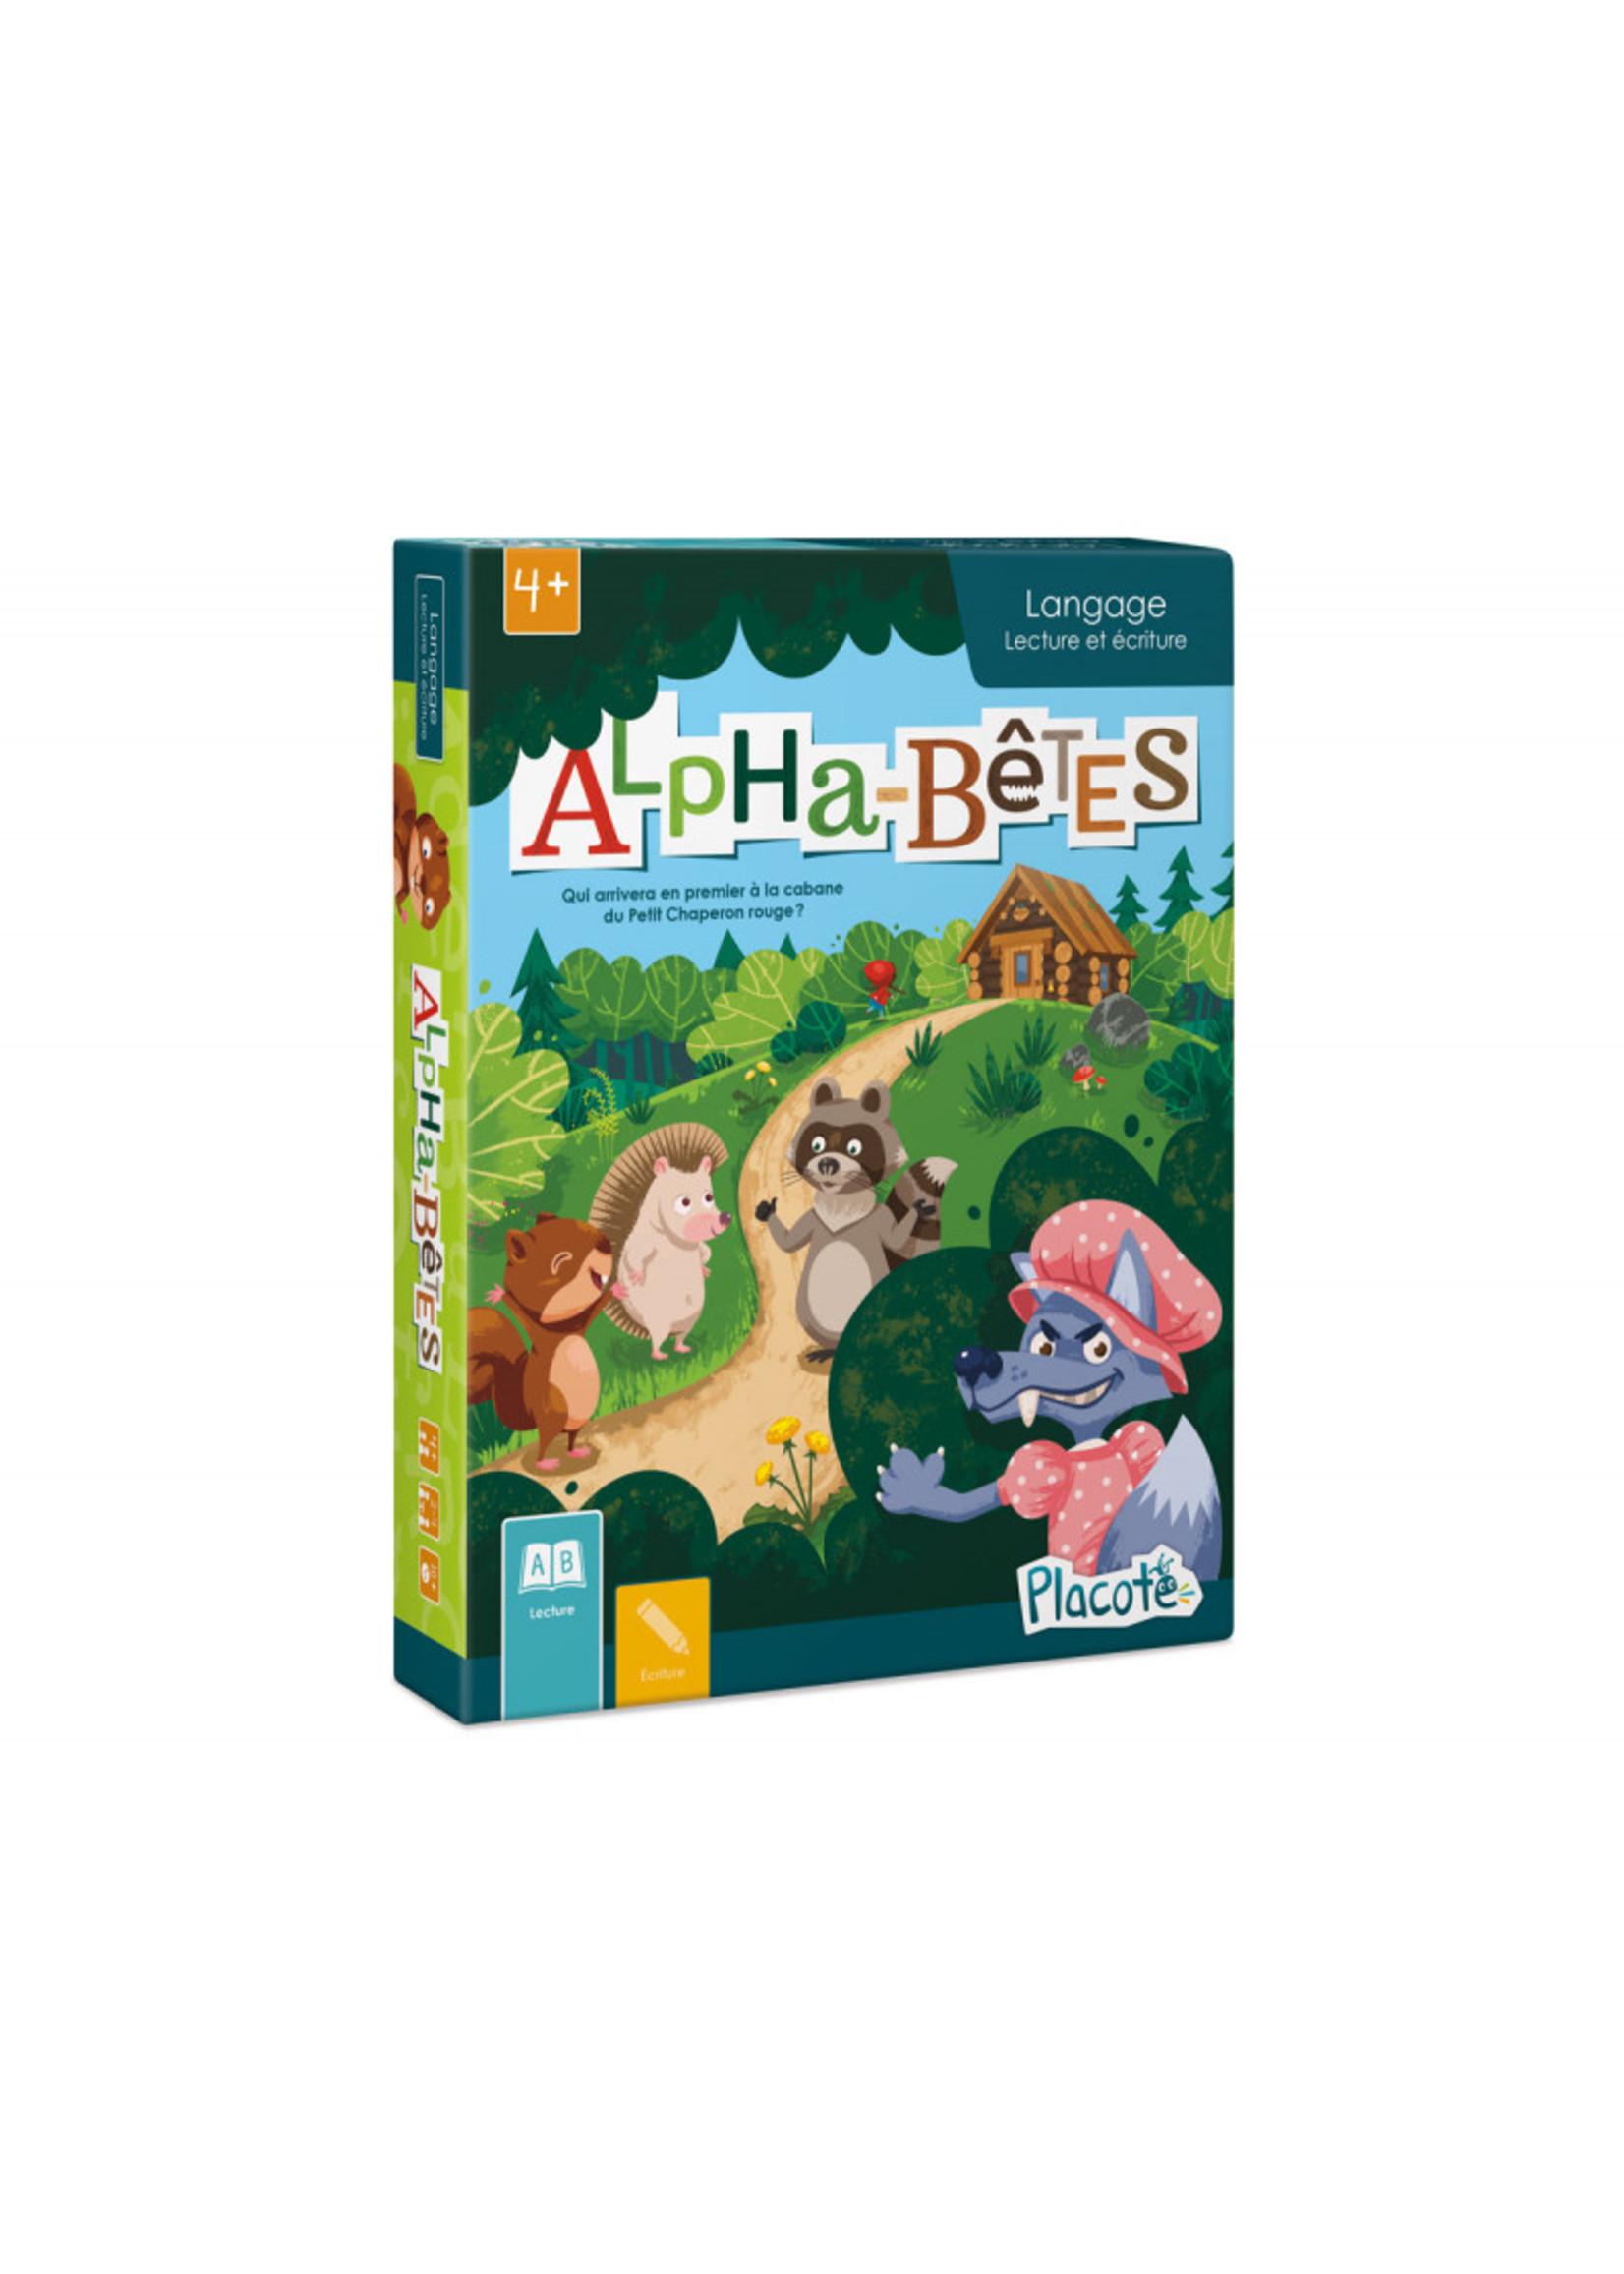 Placote Alpha-bêtes